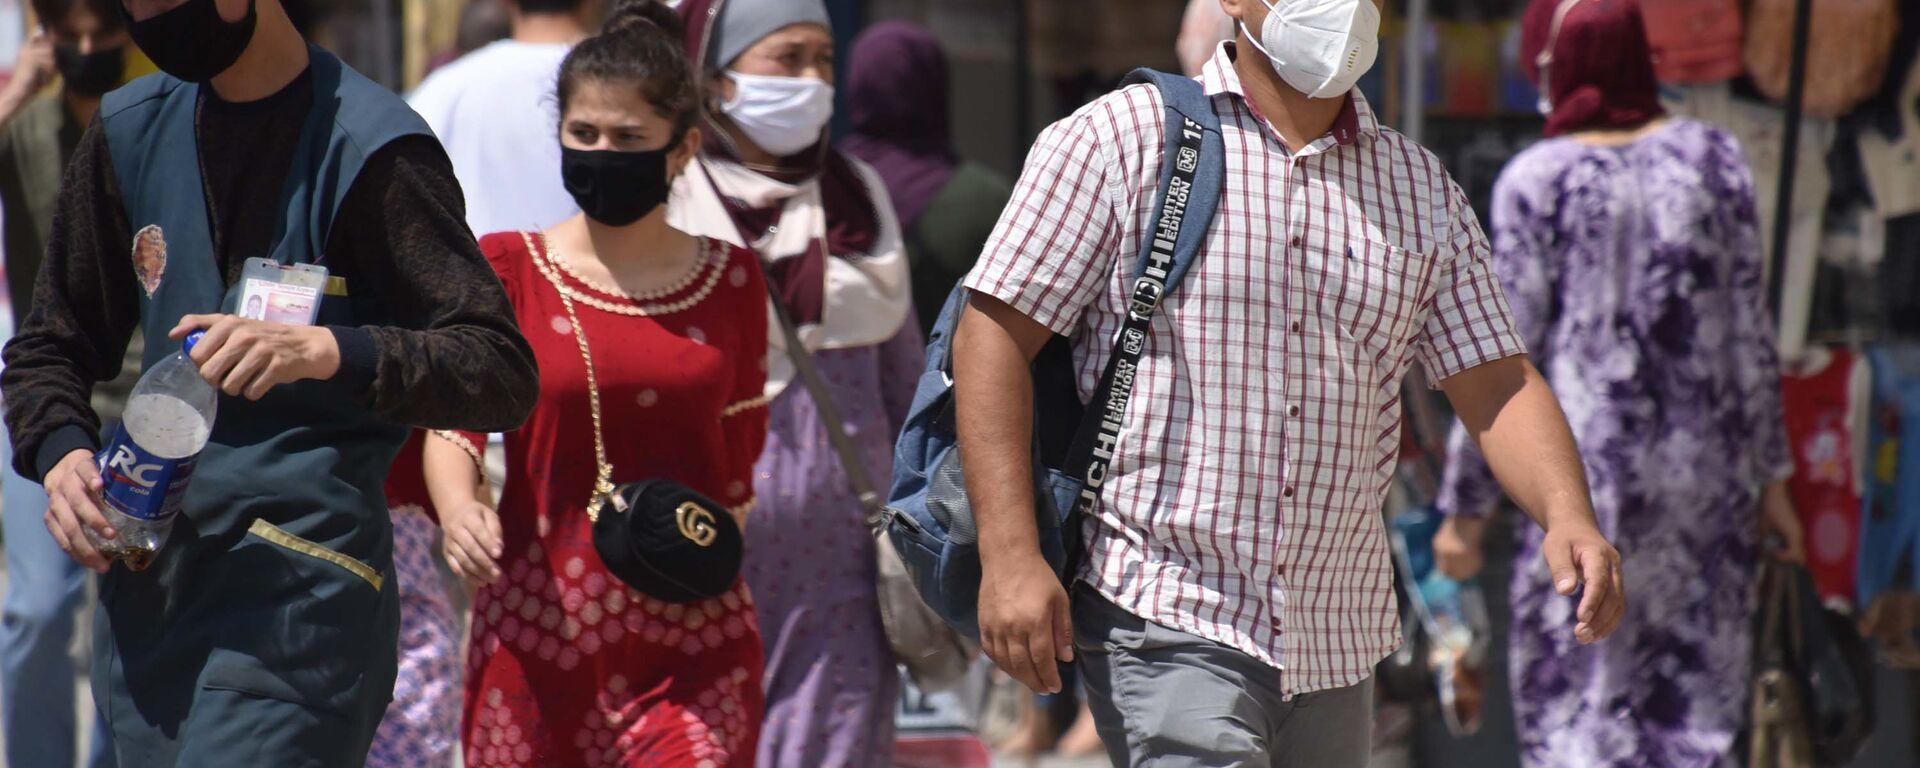 Люди в защитных масках на улице Душанбе  - Sputnik Таджикистан, 1920, 22.06.2021